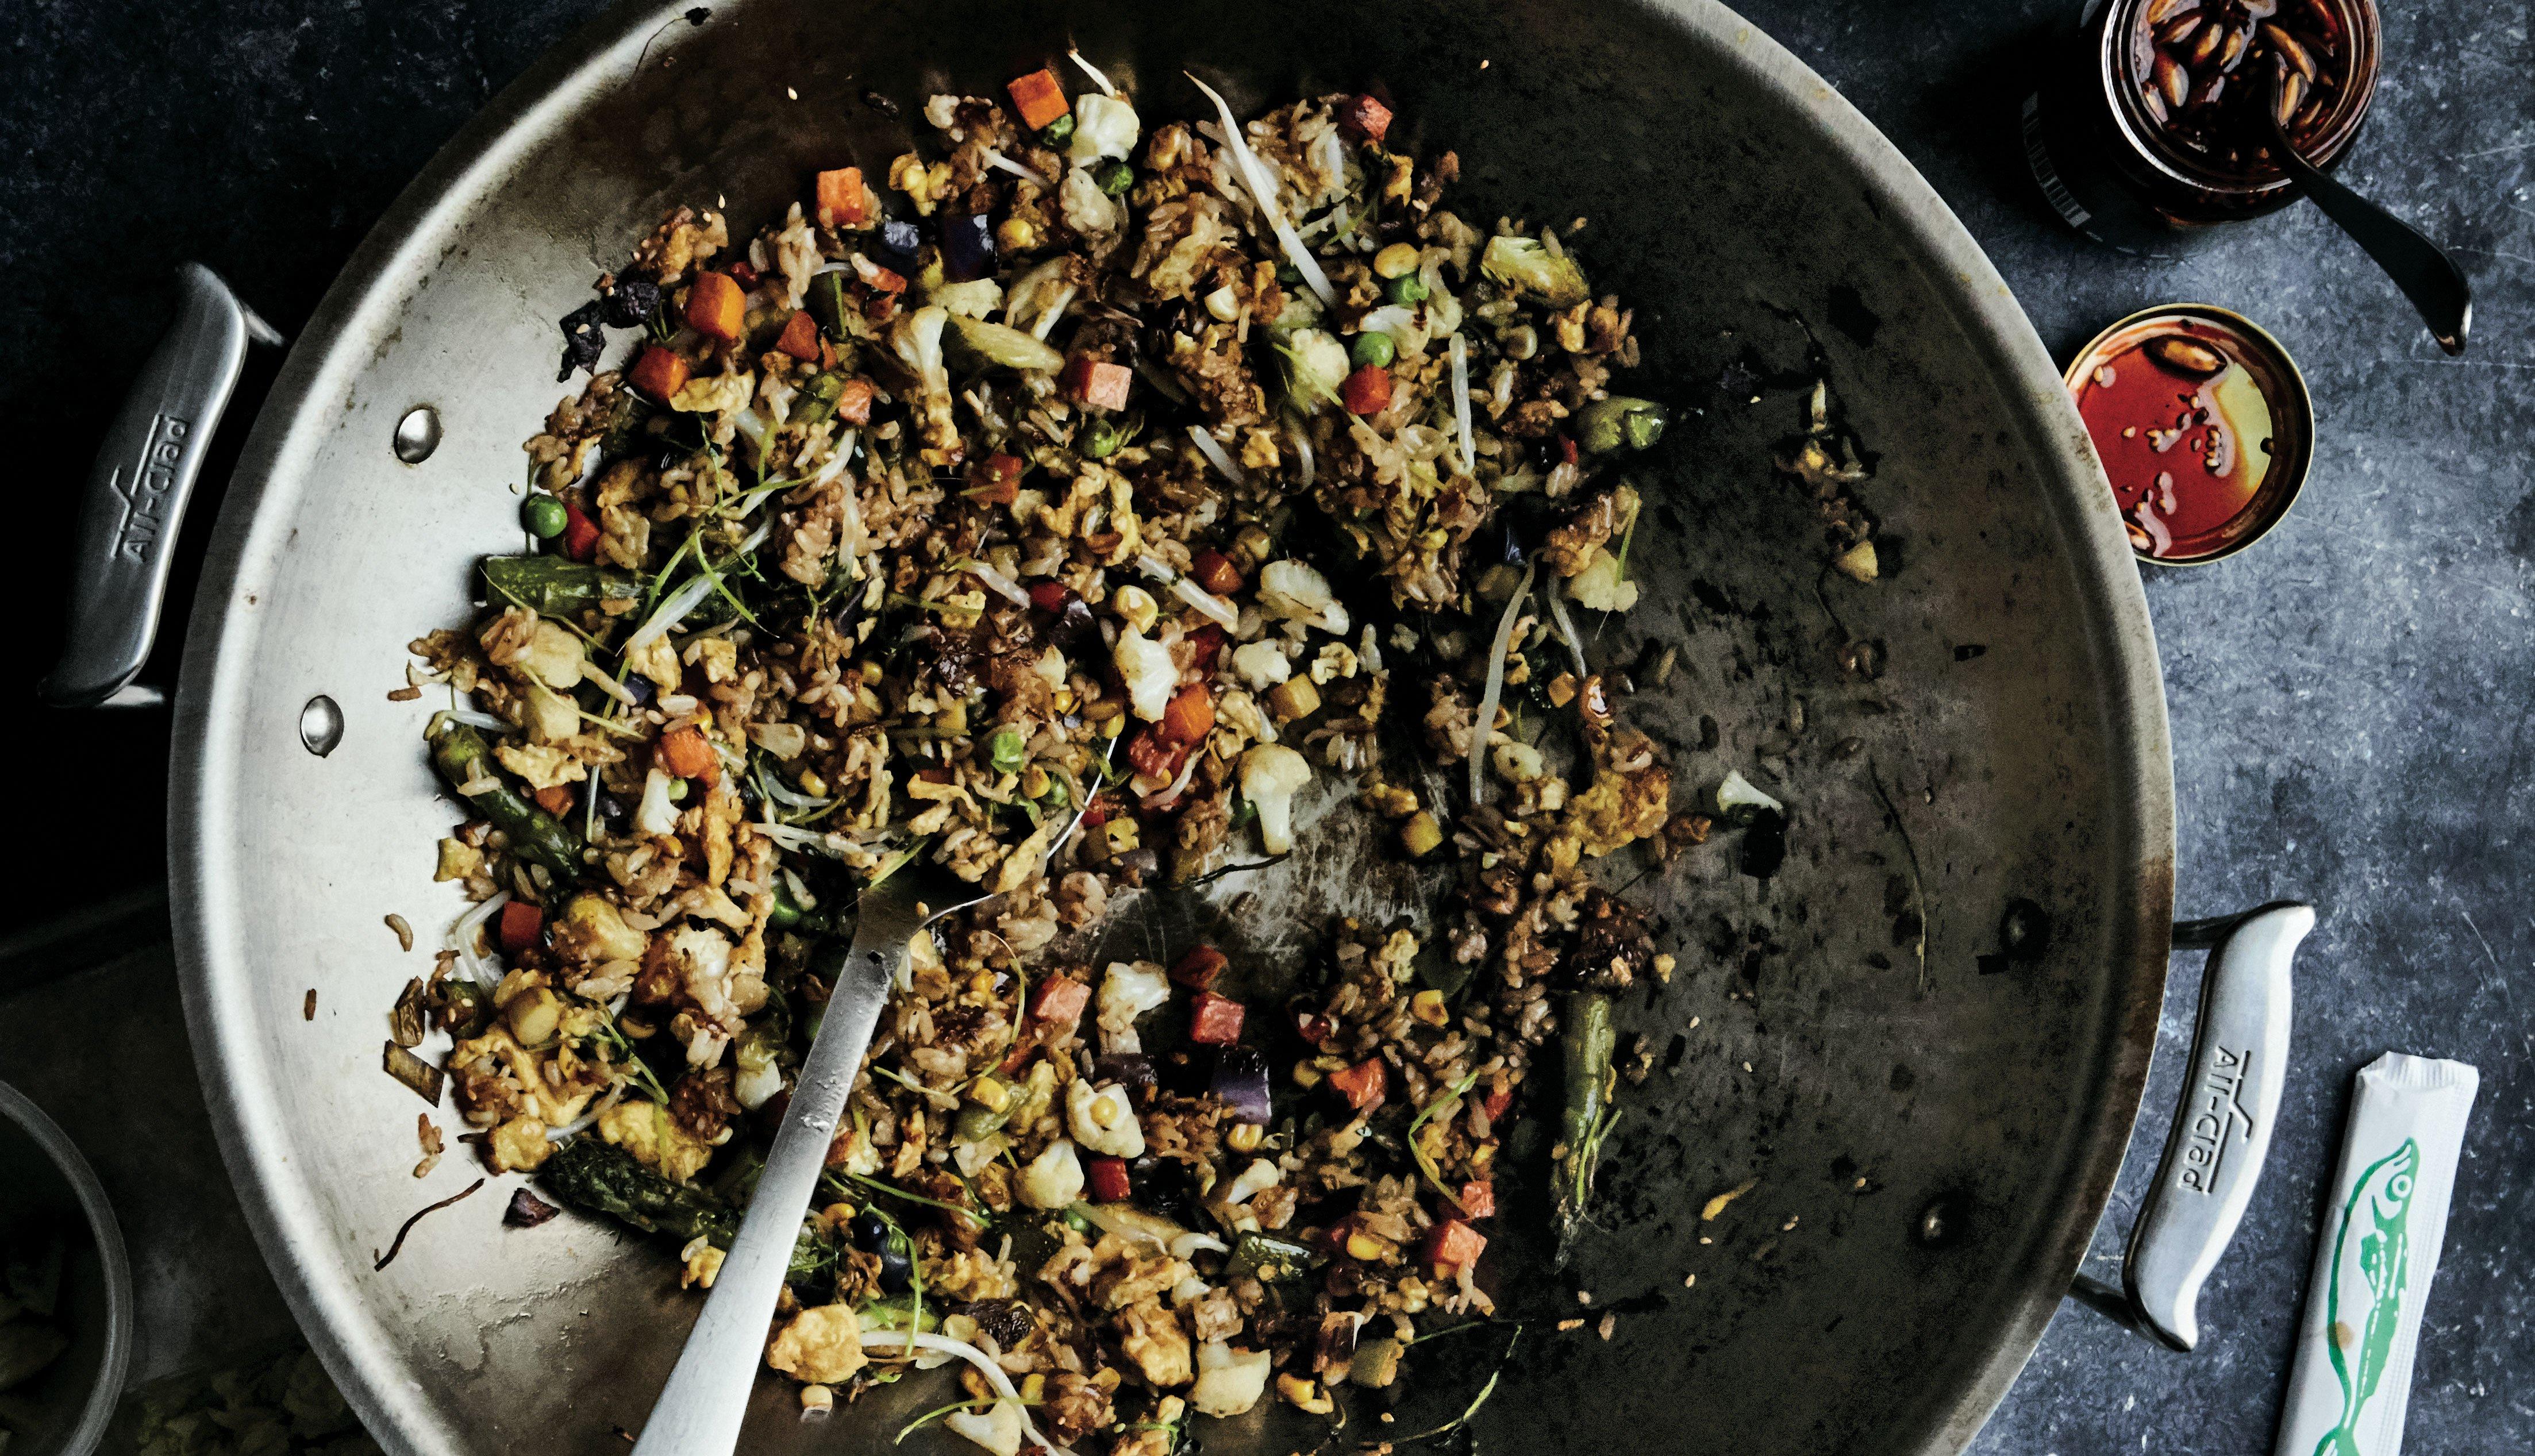 Caldero con ingredientes para preparar arroz frito